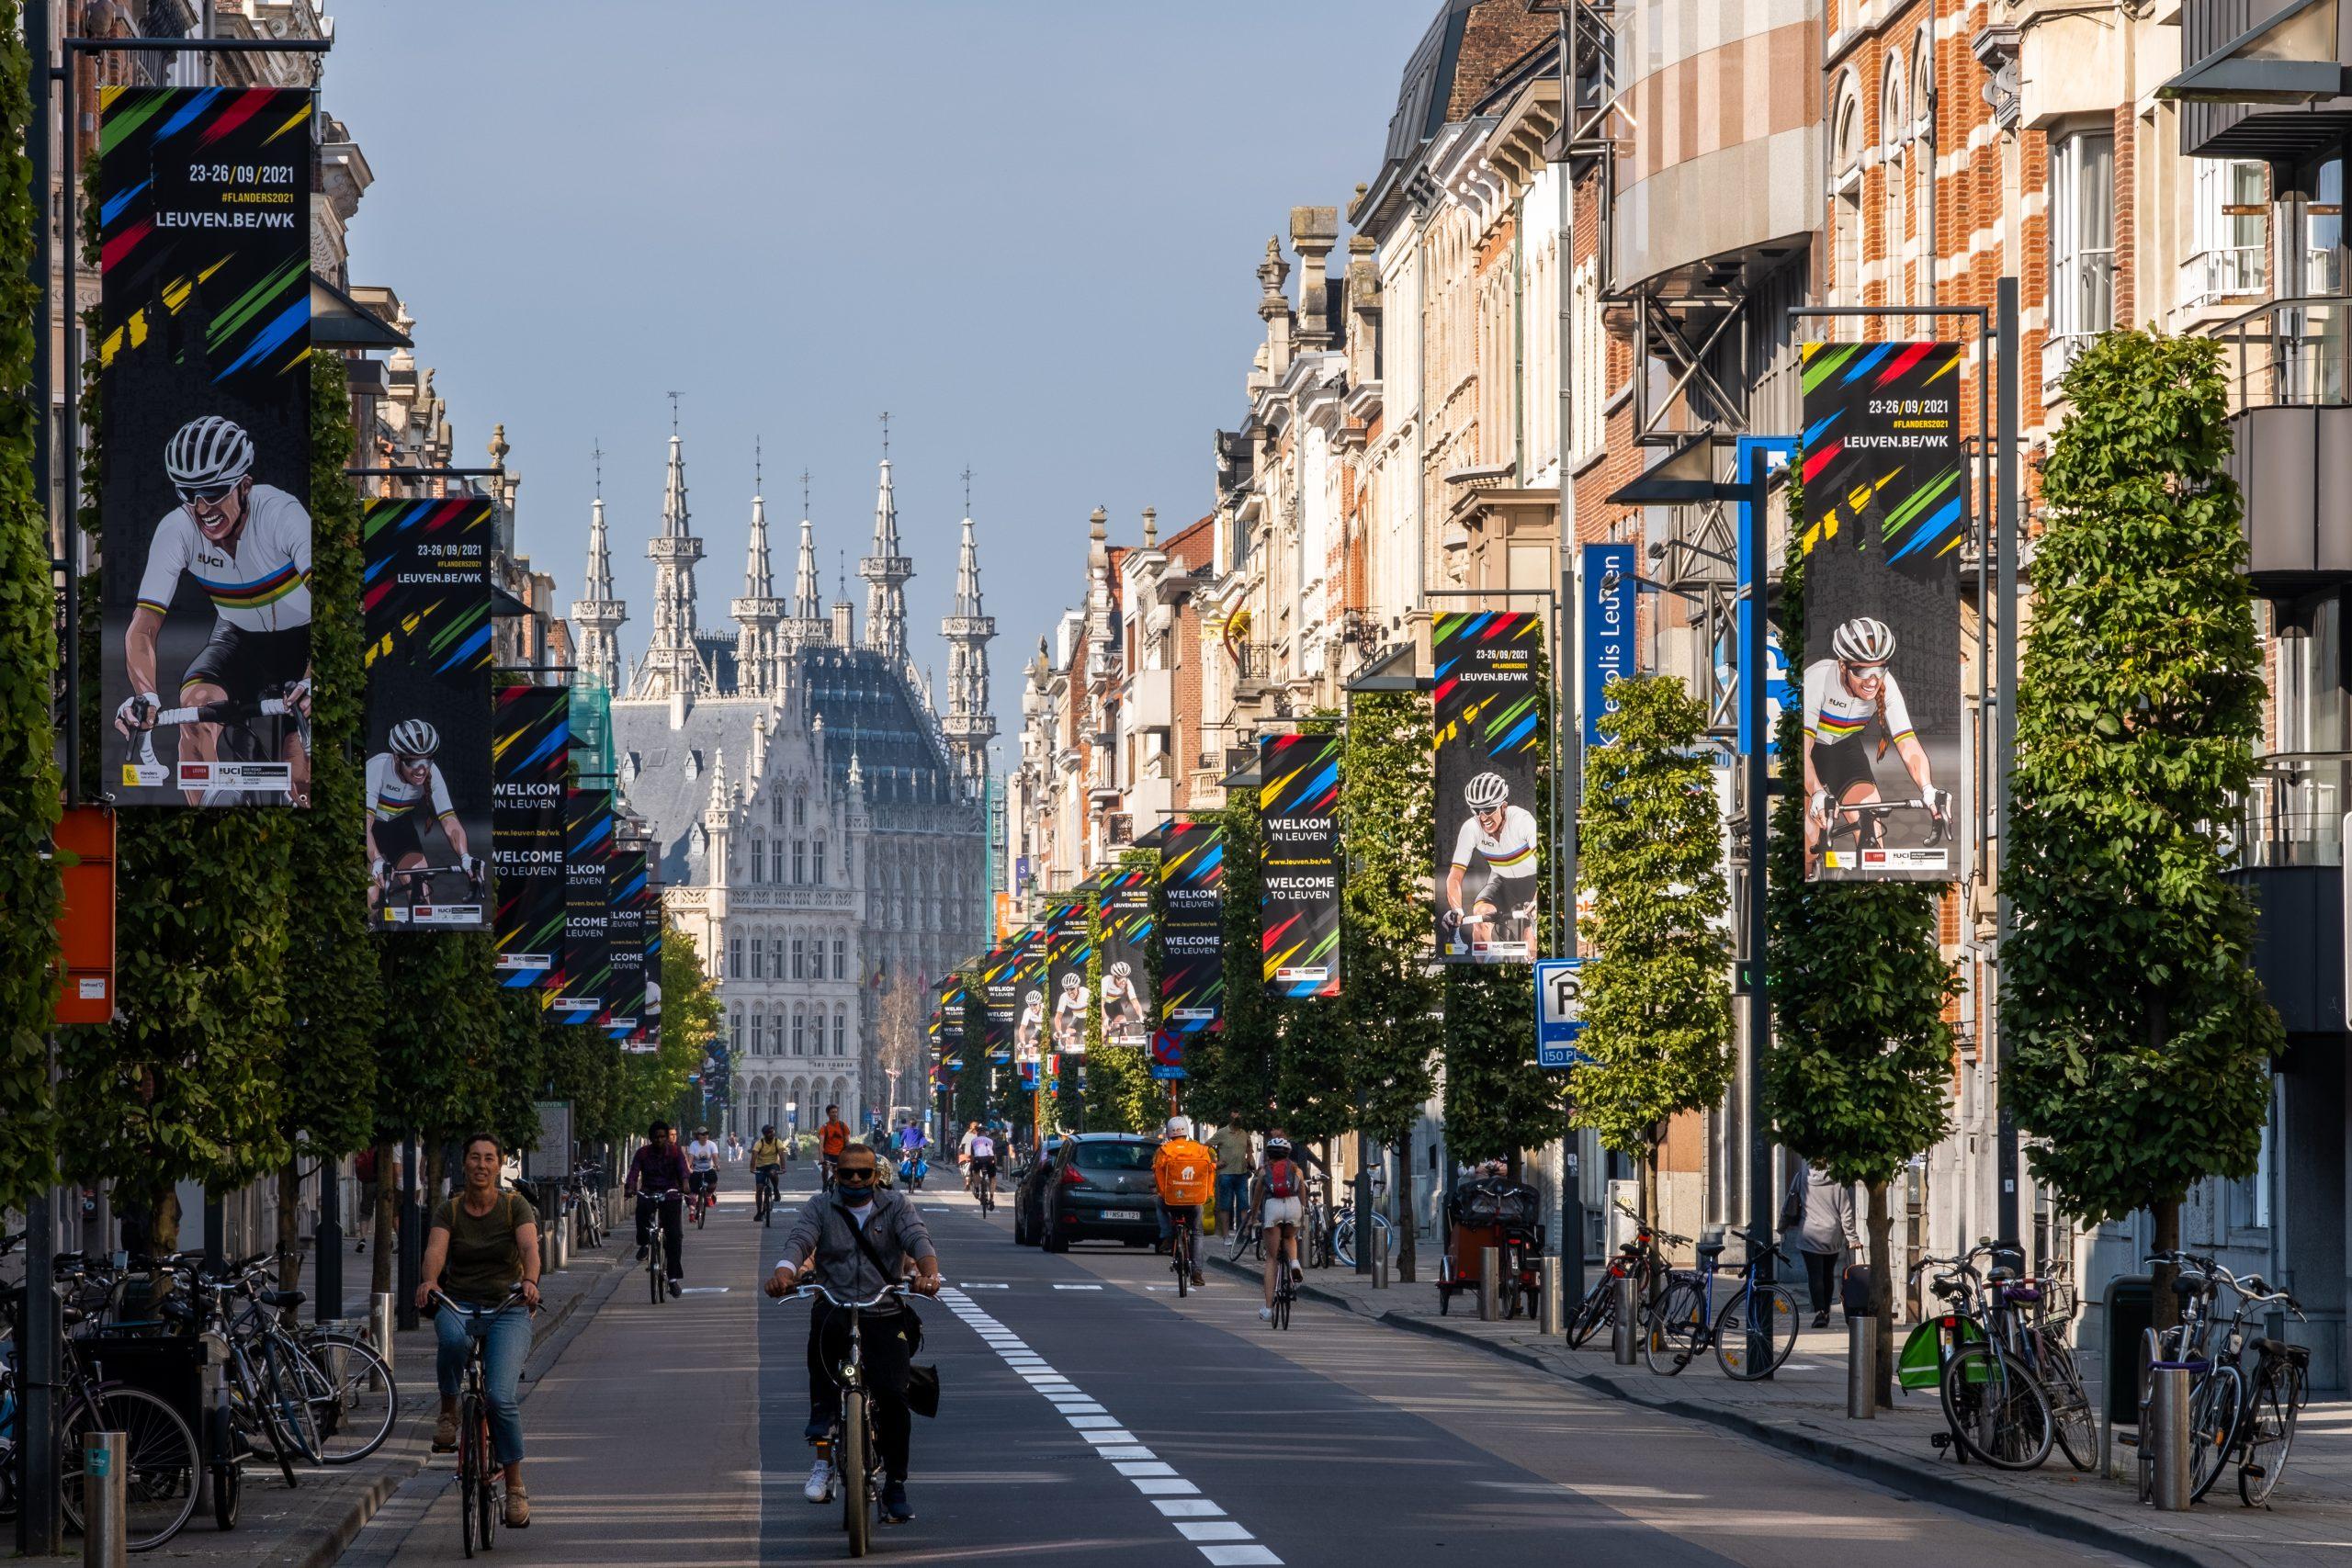 Leuven is klaar voor een spetterend WK wielrennen